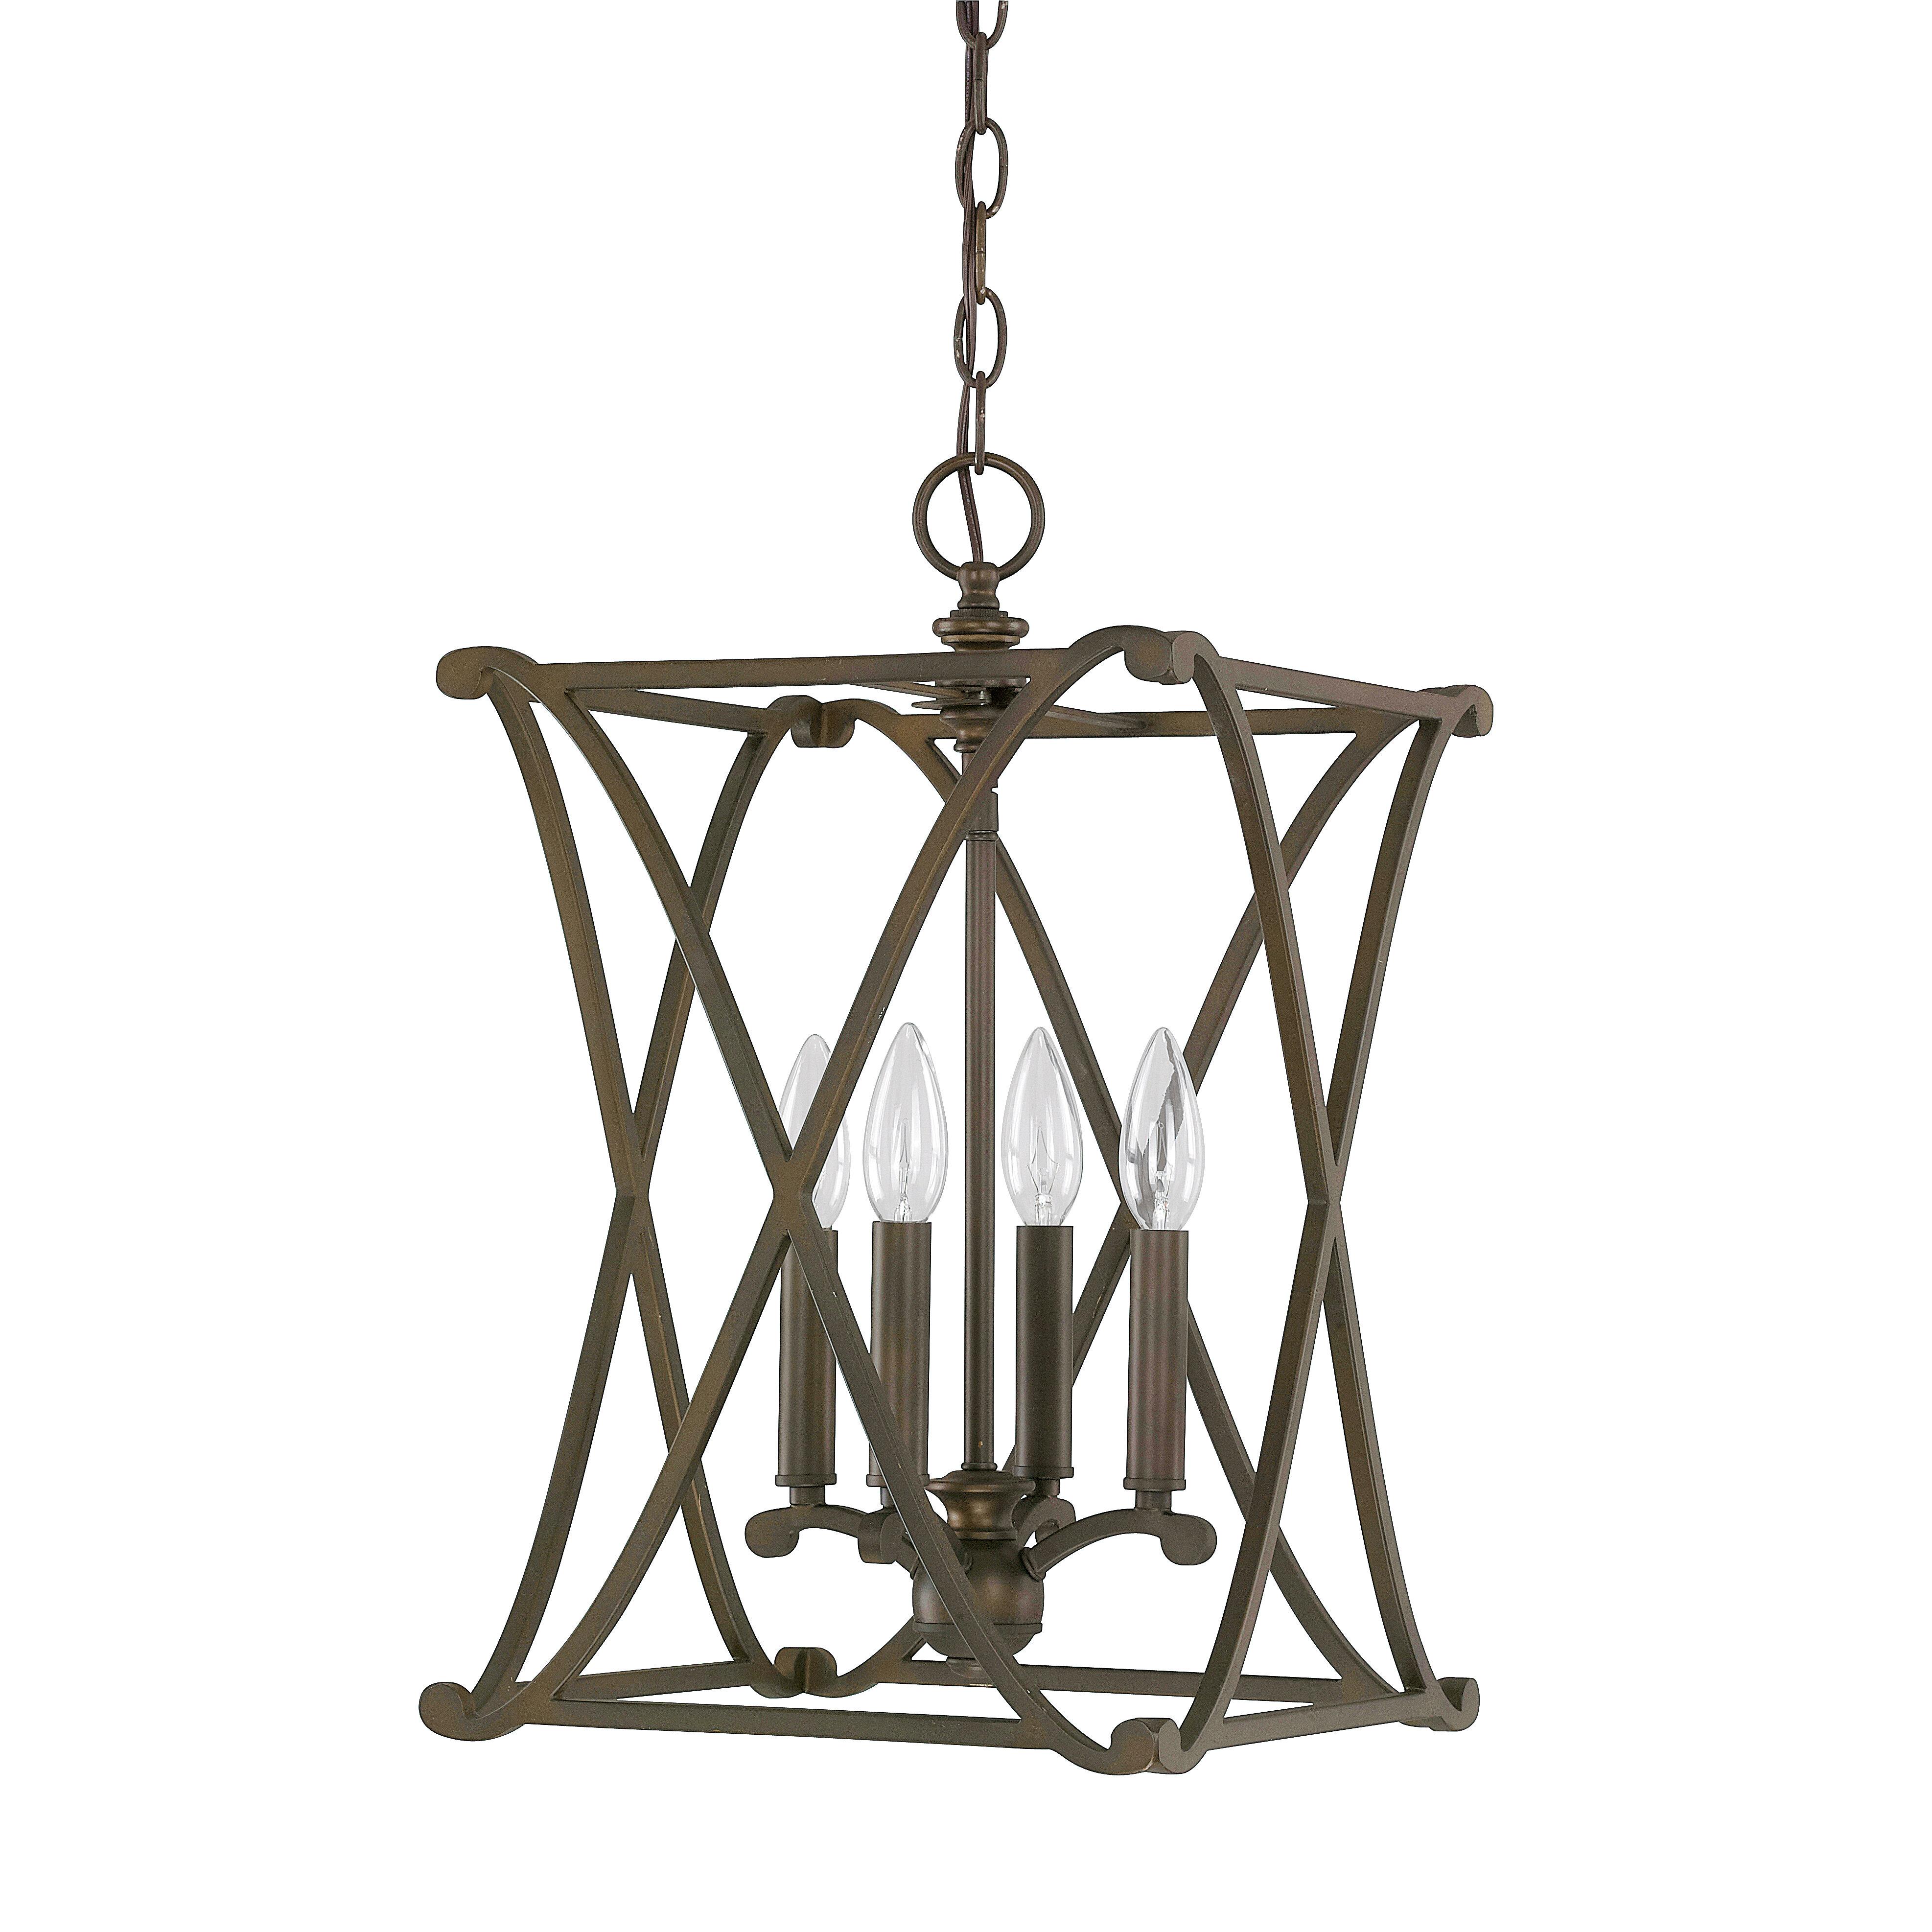 Gracie Oaks Nisbet 4 Light Square/rectangle Pendant Pertaining To Freeburg 4 Light Lantern Square / Rectangle Pendants (View 8 of 30)